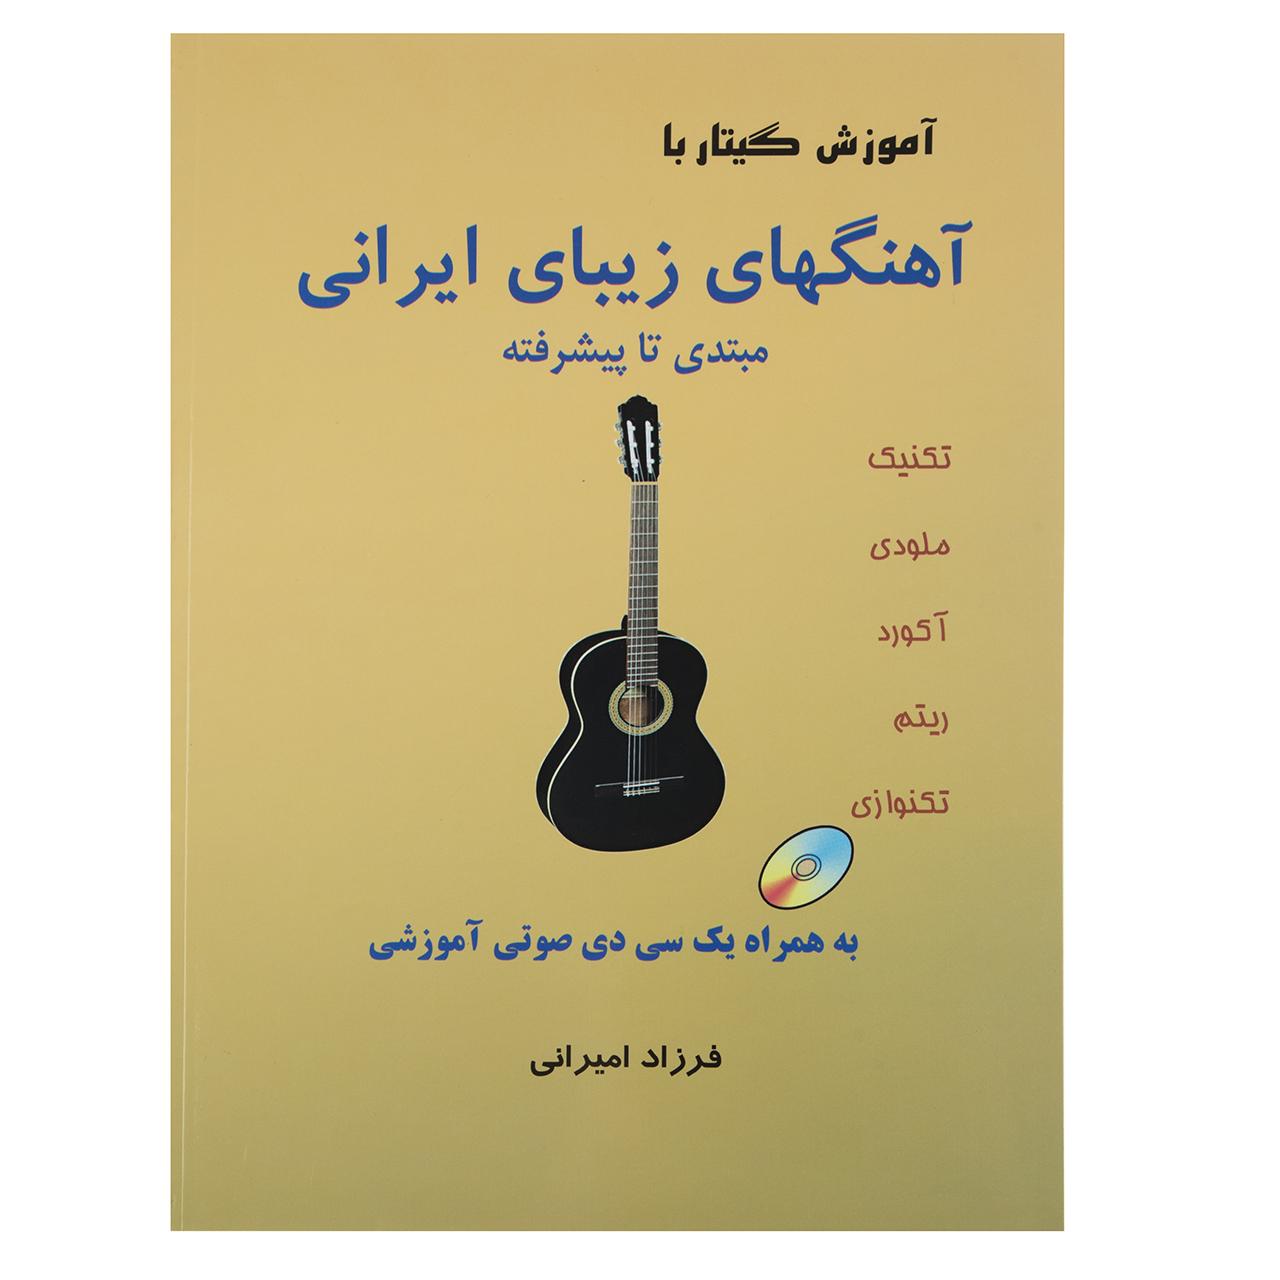 خرید                      کتاب آموزش گیتار با آهنگ های زیبای ایرانی اثر فرزاد امیرانی